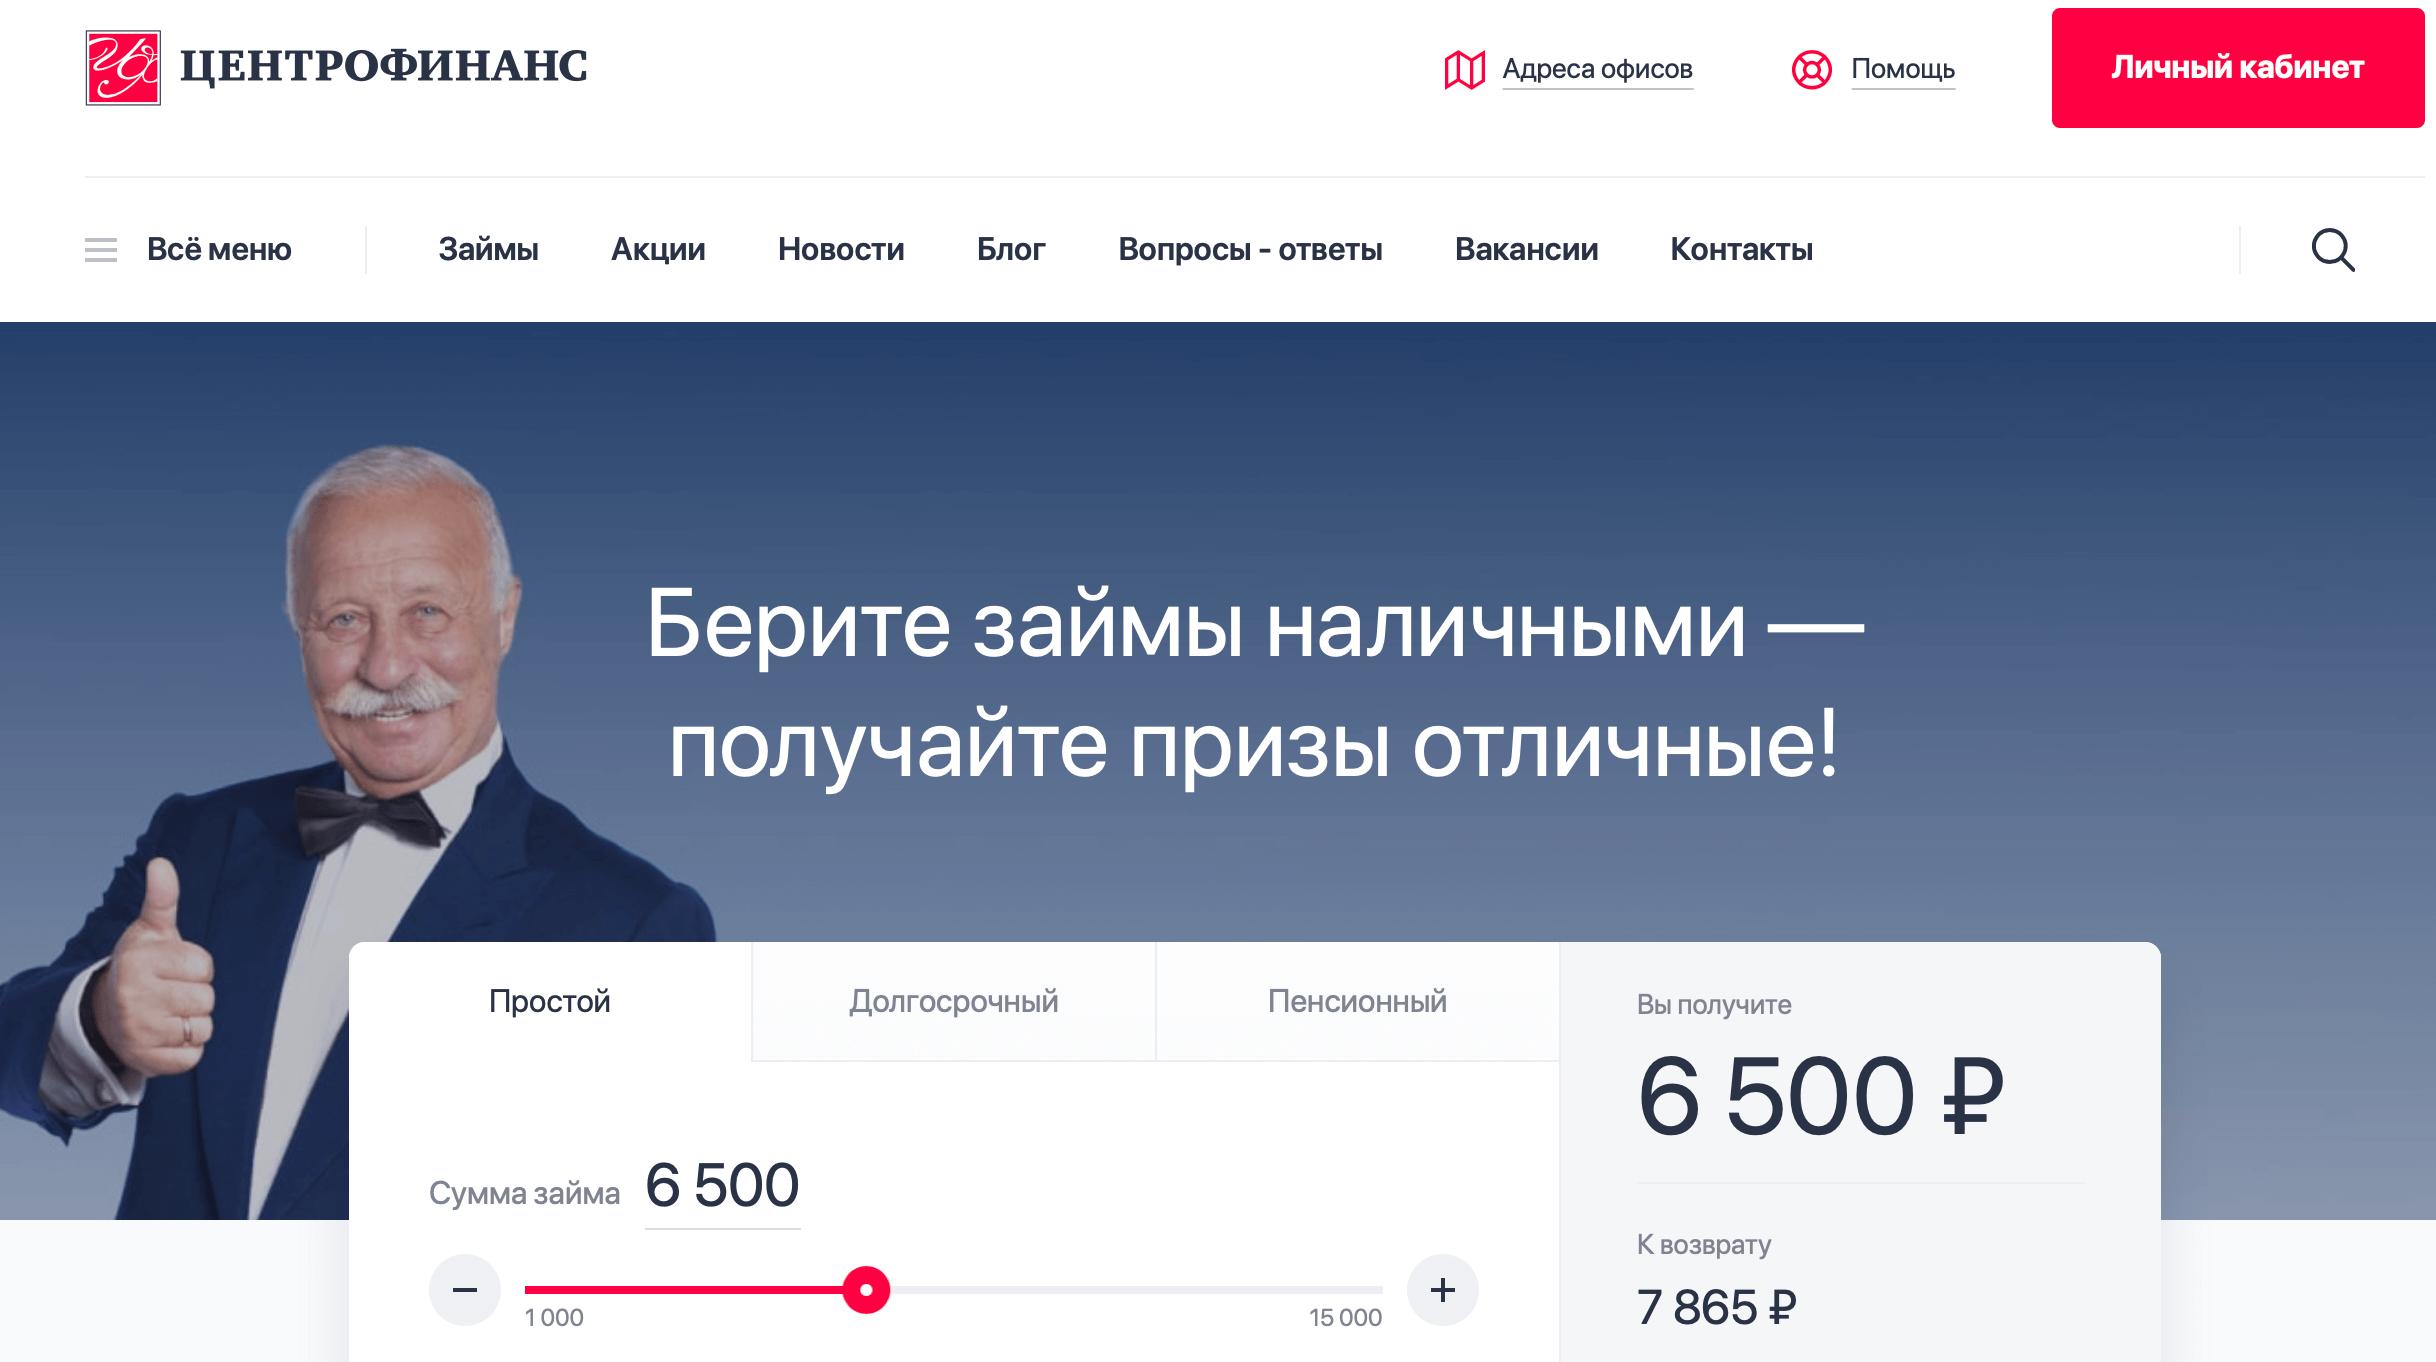 Официальный сайт Центрофинанс